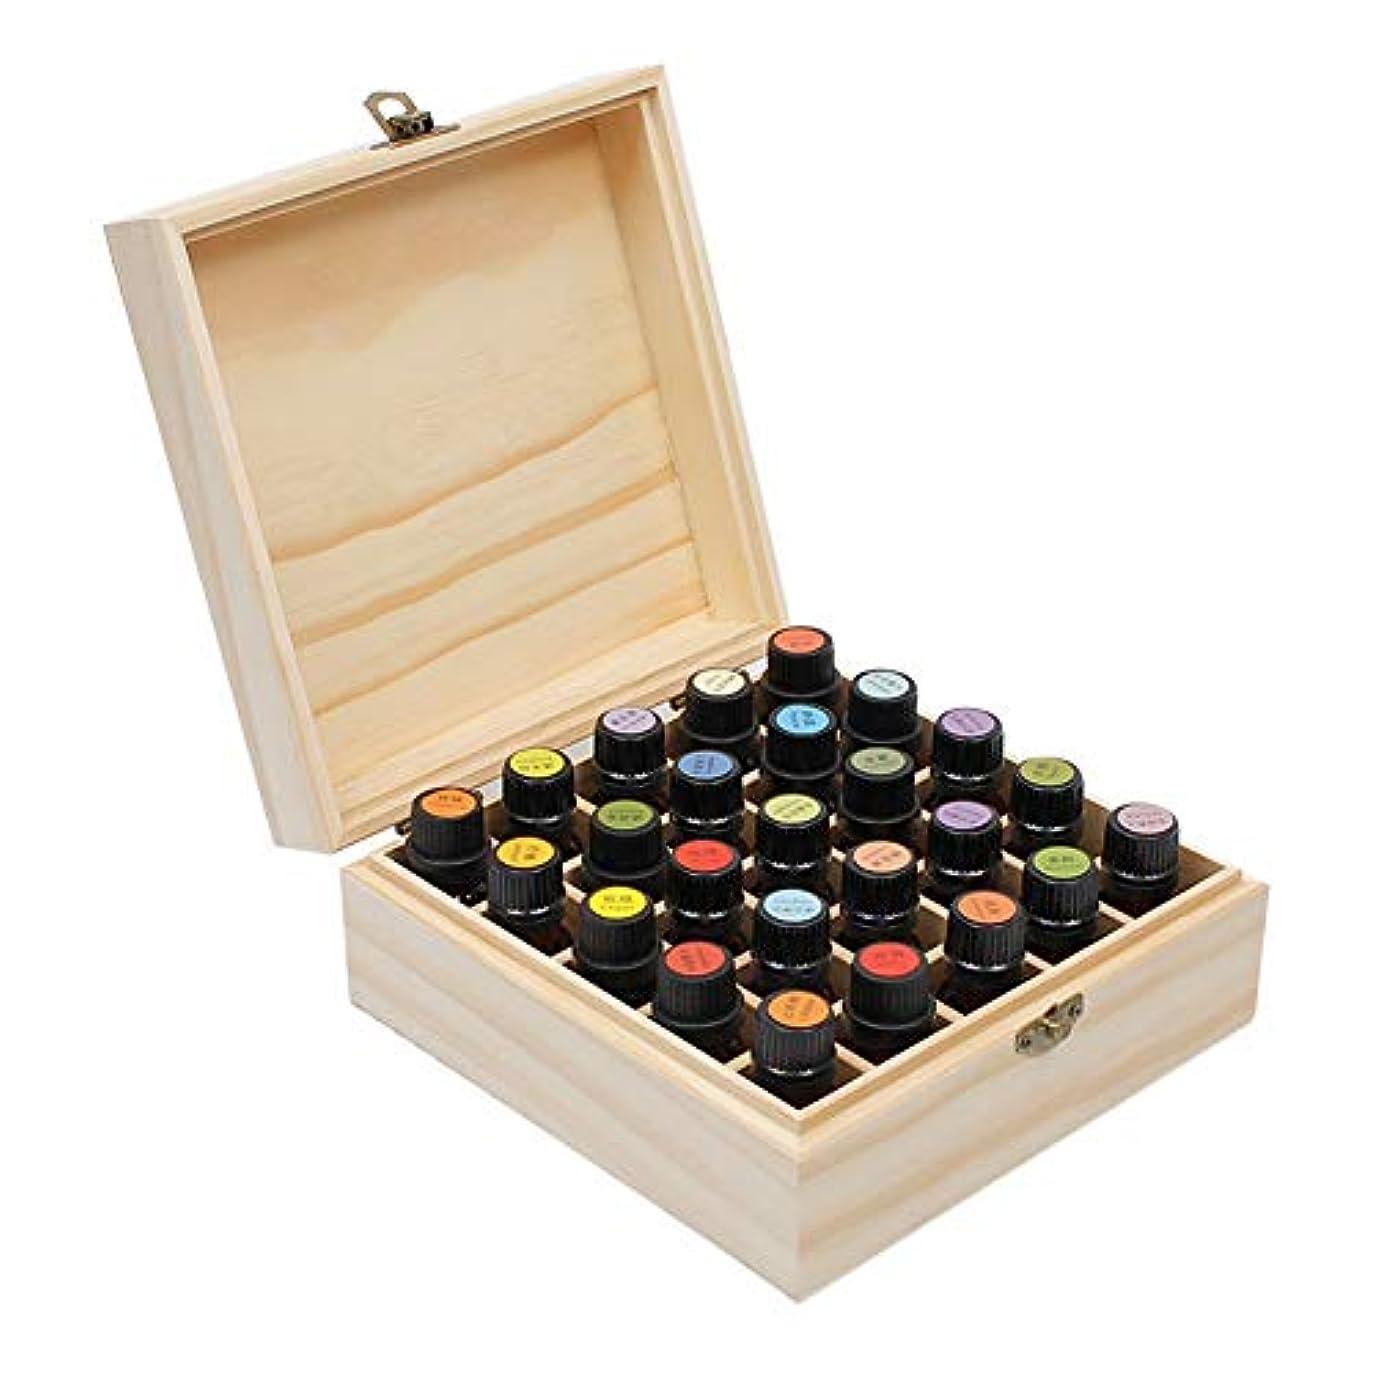 限りインペリアル肌エッセンシャルオイル収納ボックス 25本用 木製エッセンシャルオイルボックス メイクポーチ 精油収納ケース 携帯用 自然ウッド精油収納ボックス 香水収納ケース